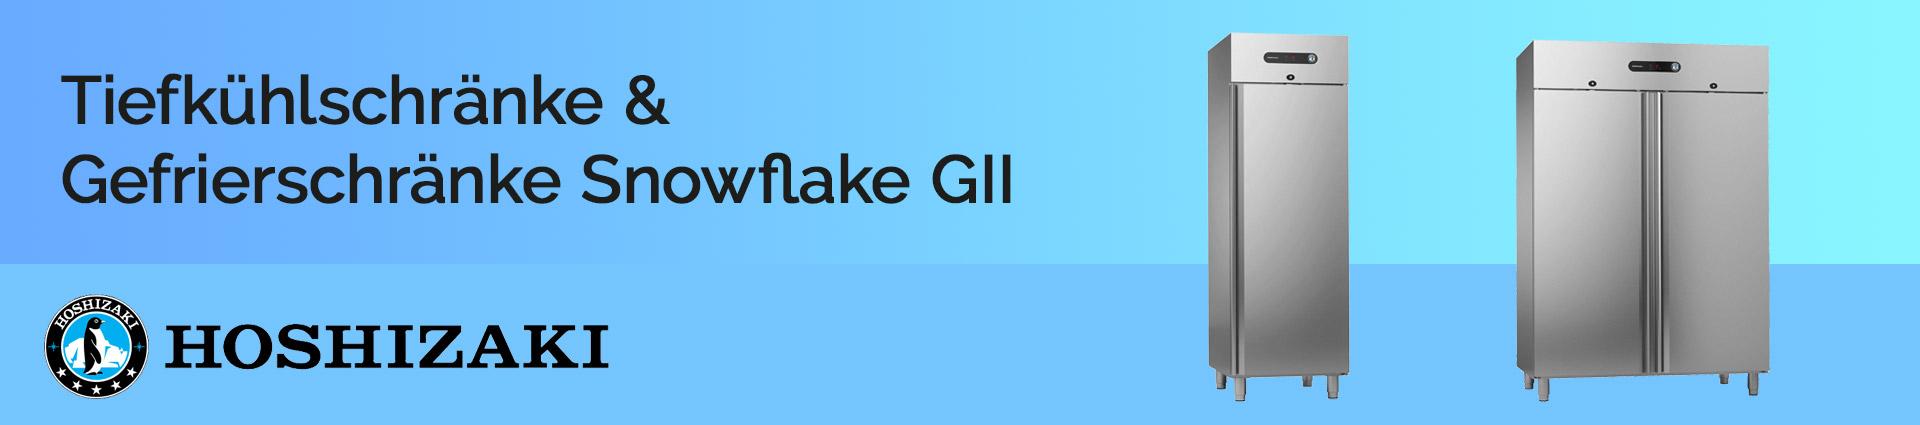 Hoshizaki Tiefkühlschränke und Gefrierschränke Snowflake GII Banner